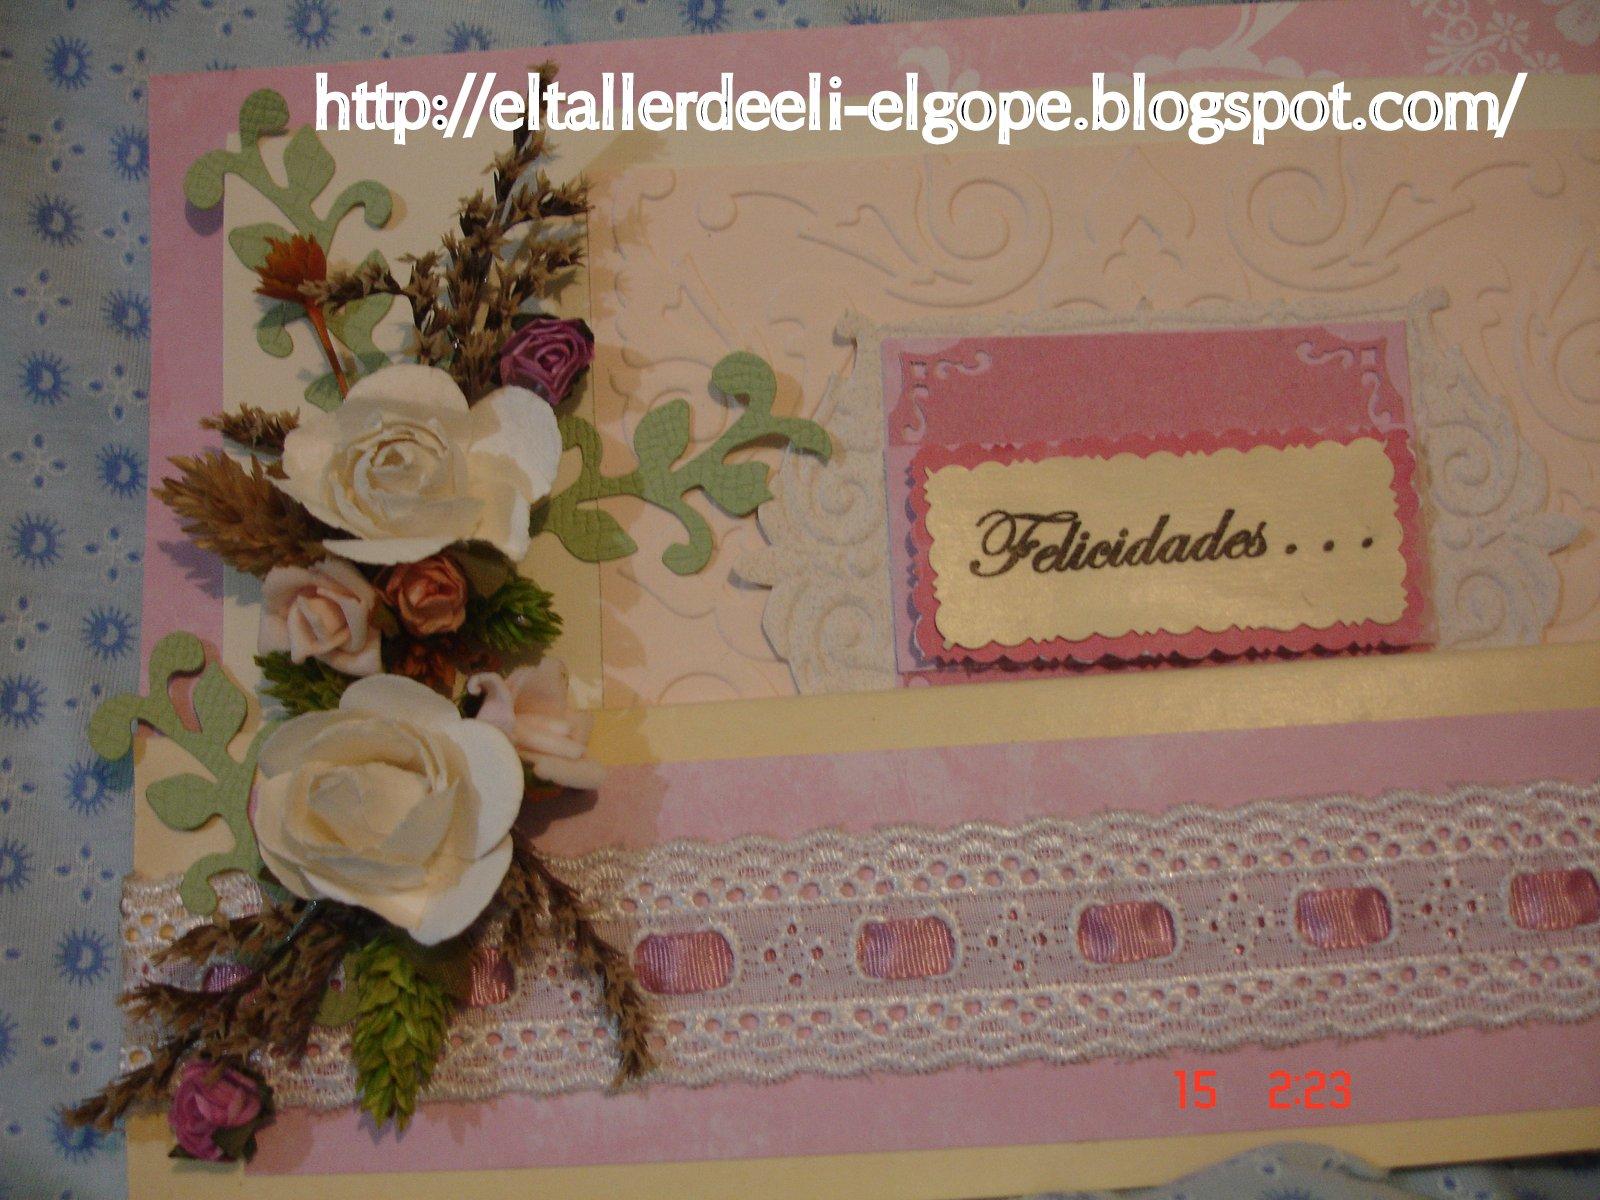 El besito de despedida en la conchita de tamara belen flores - 1 part 8